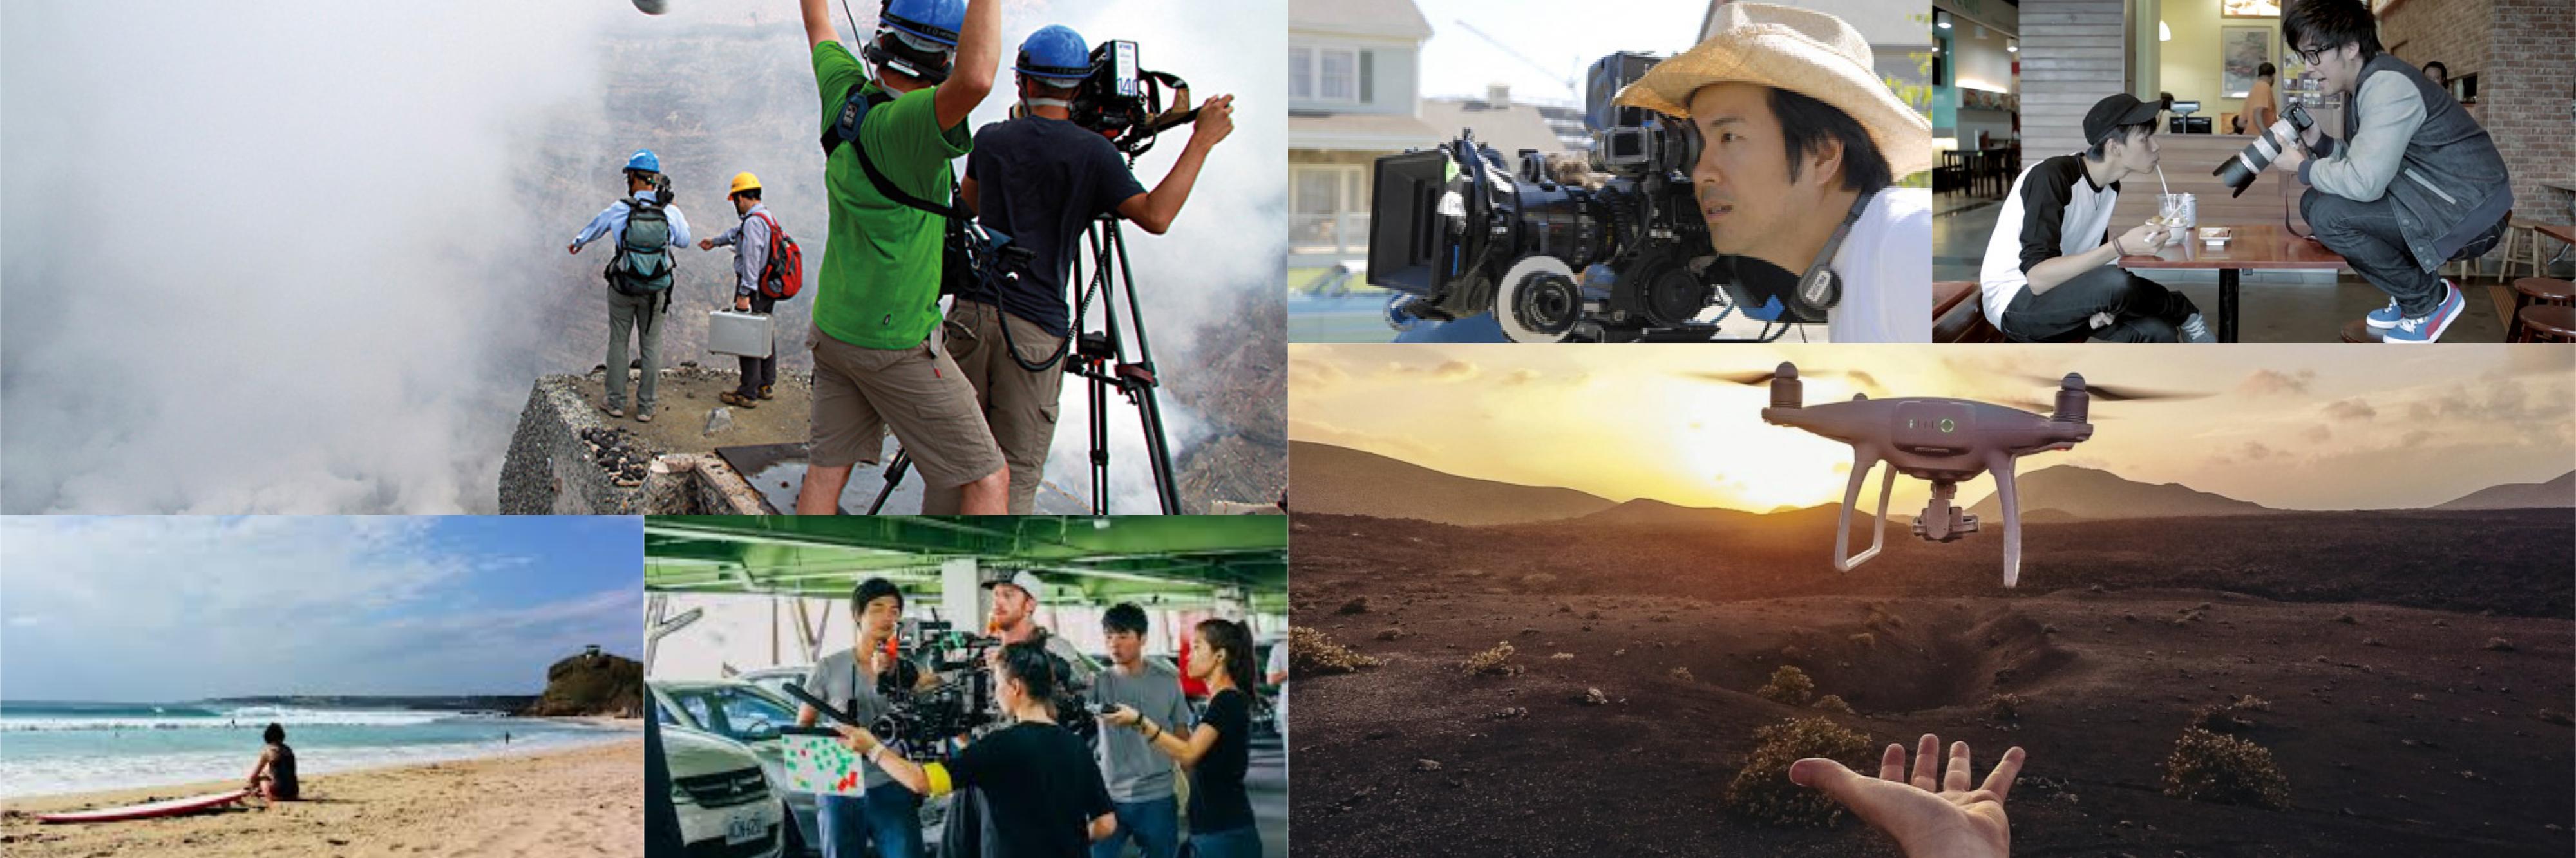 Fixer Taiwan - Filming in Taiwan